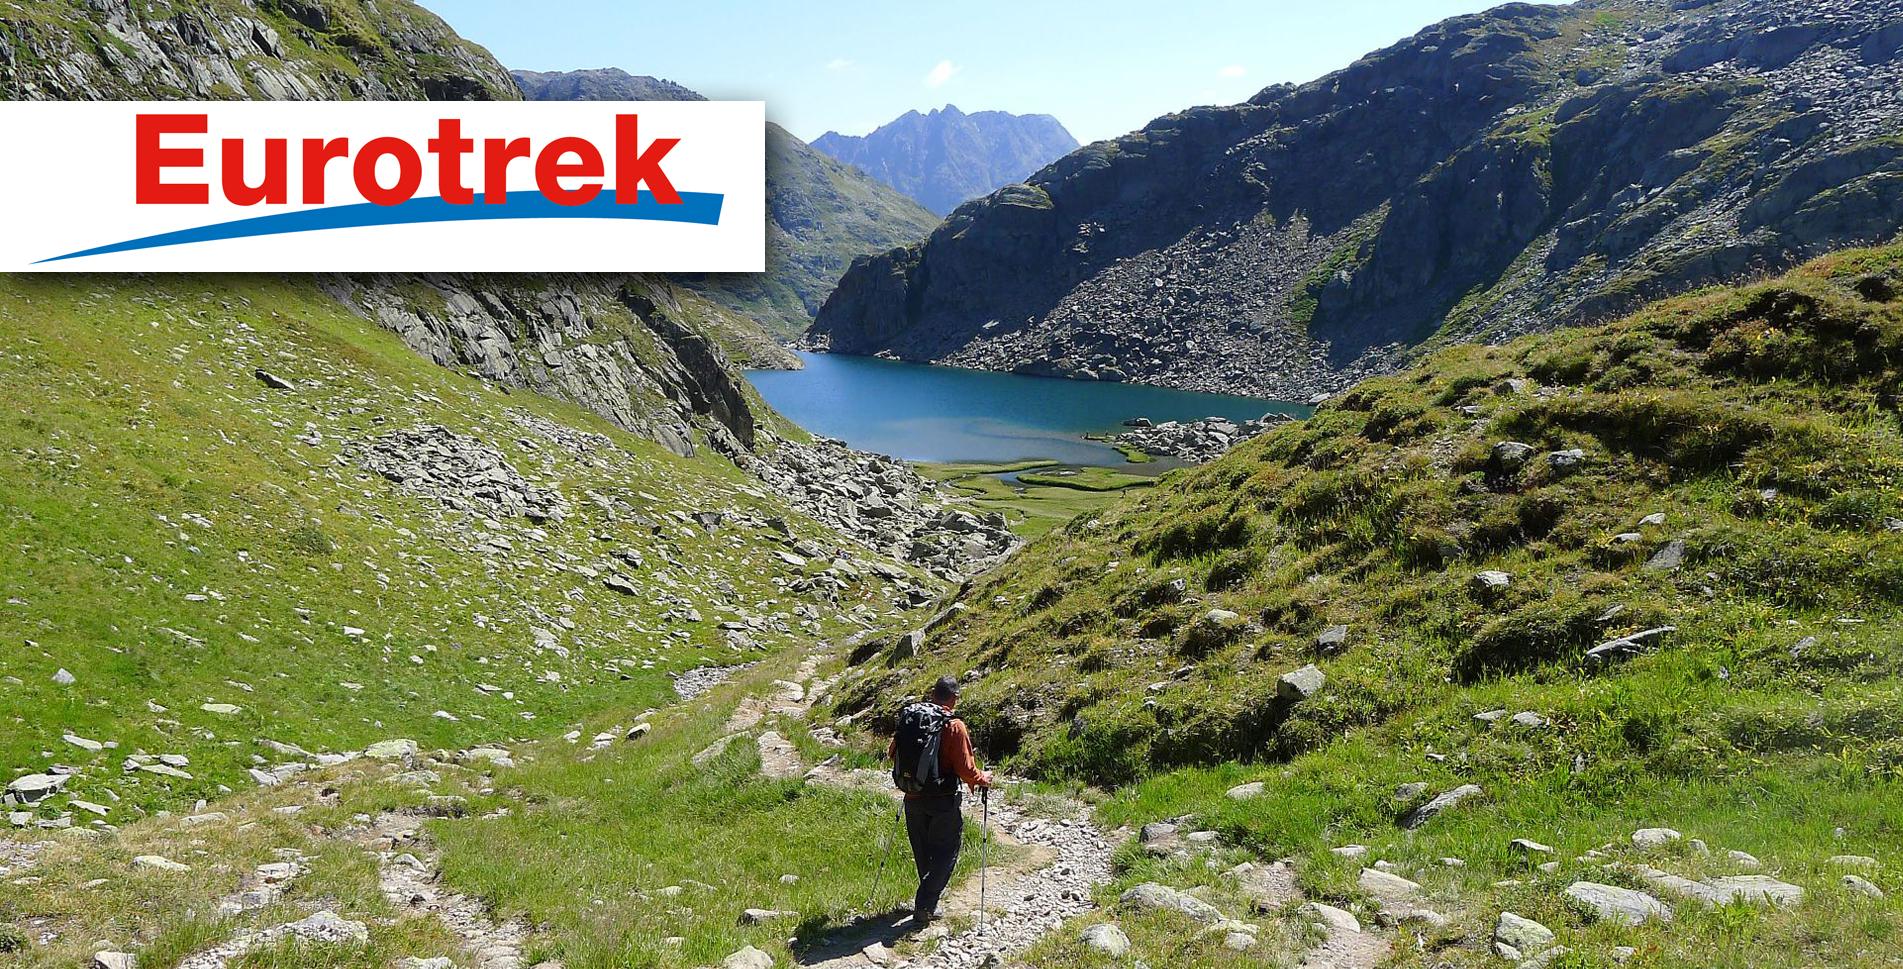 Wanderferien / Wanderreisen in der Schweiz